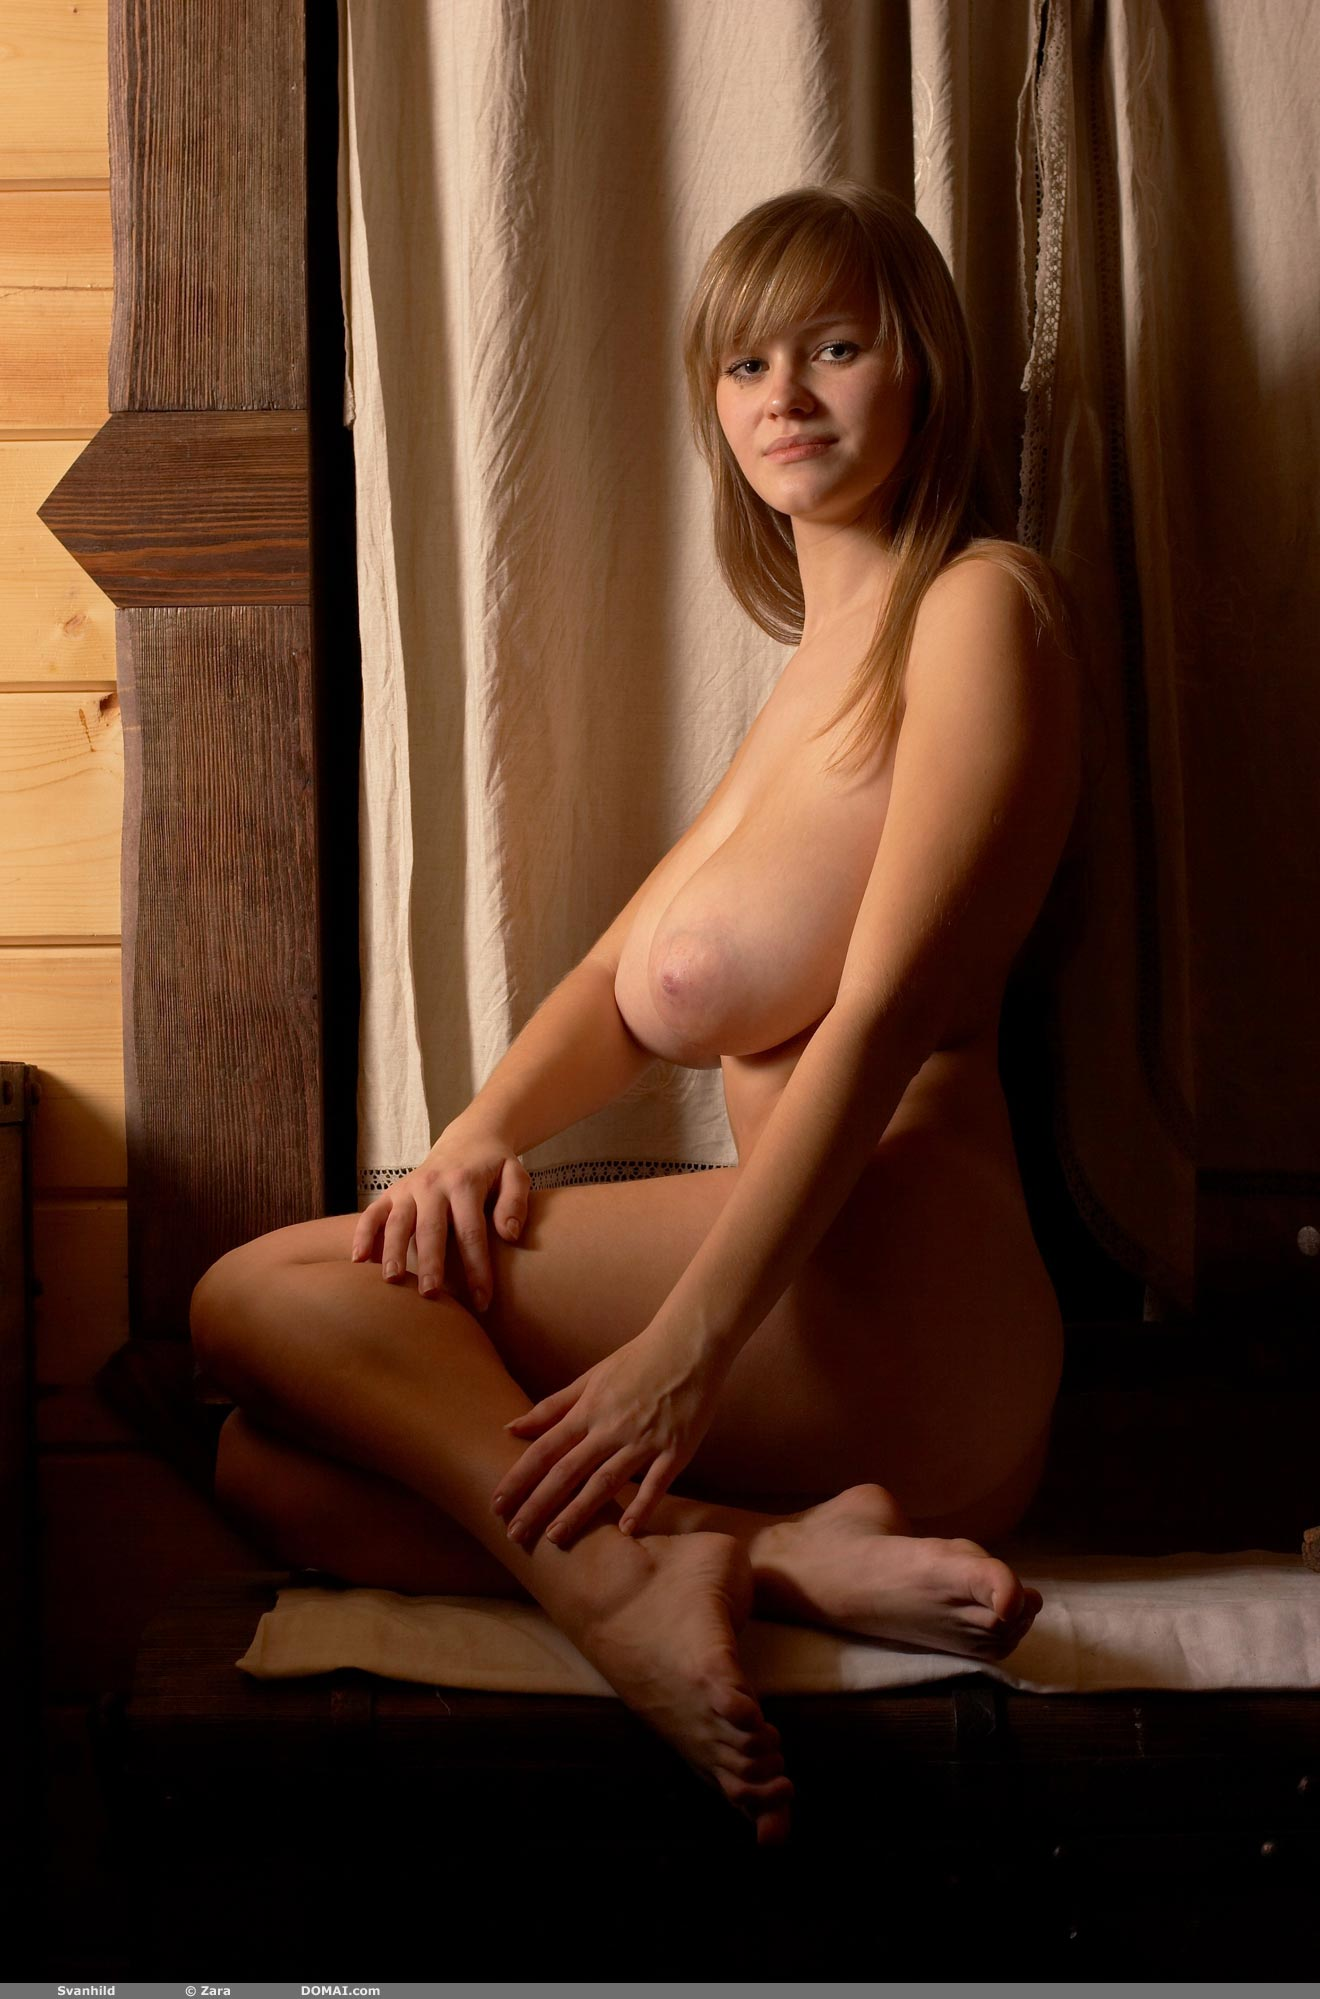 Svanhild Home Sweet Home - NudesPuri.com